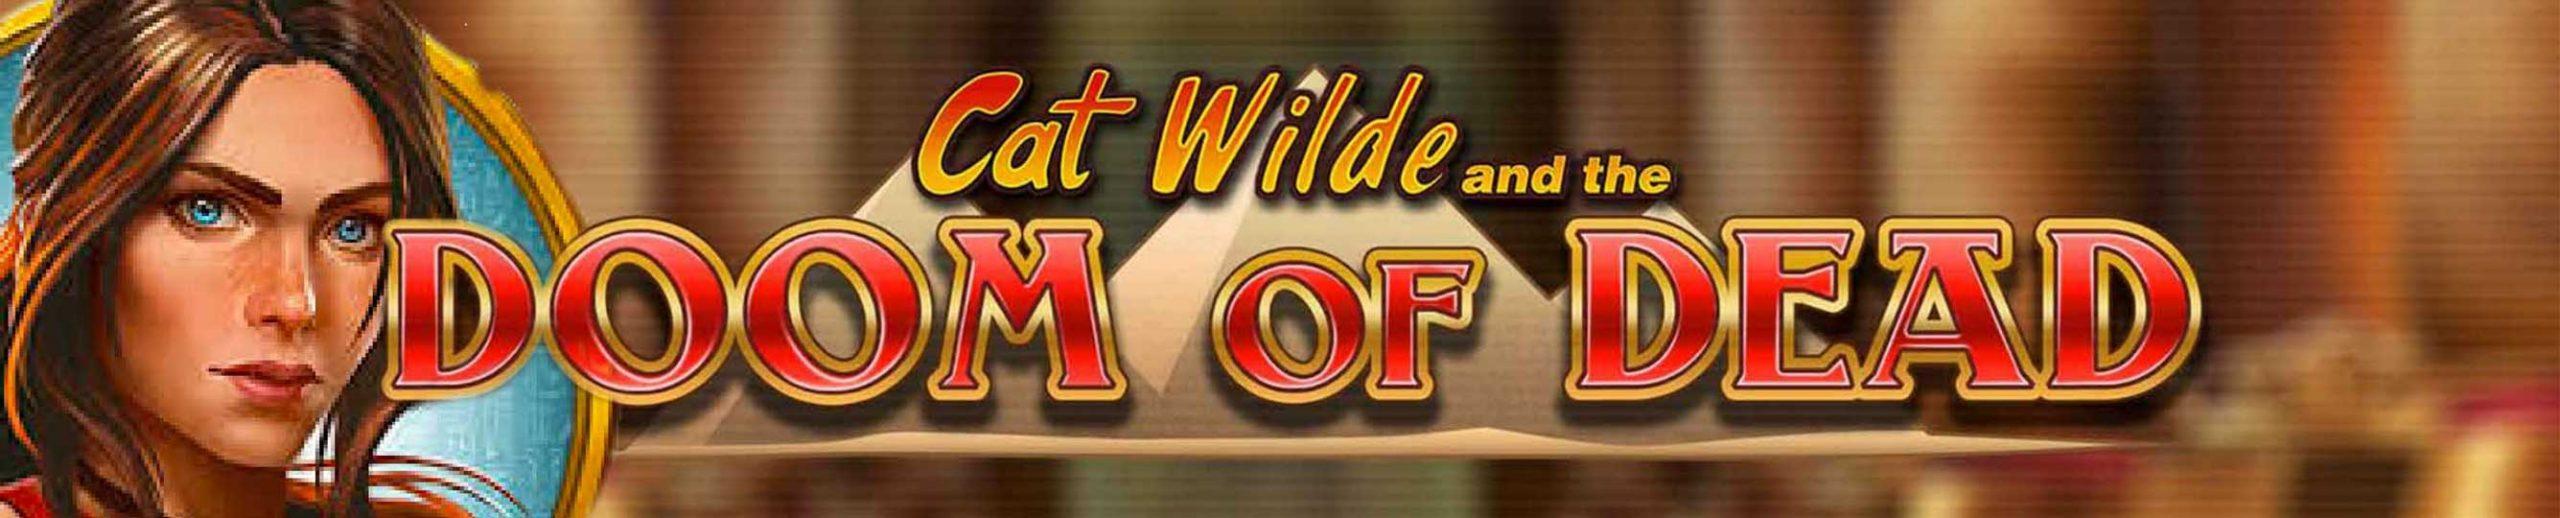 Cat-Wilde-Doom-of-Dead-Spielautomat